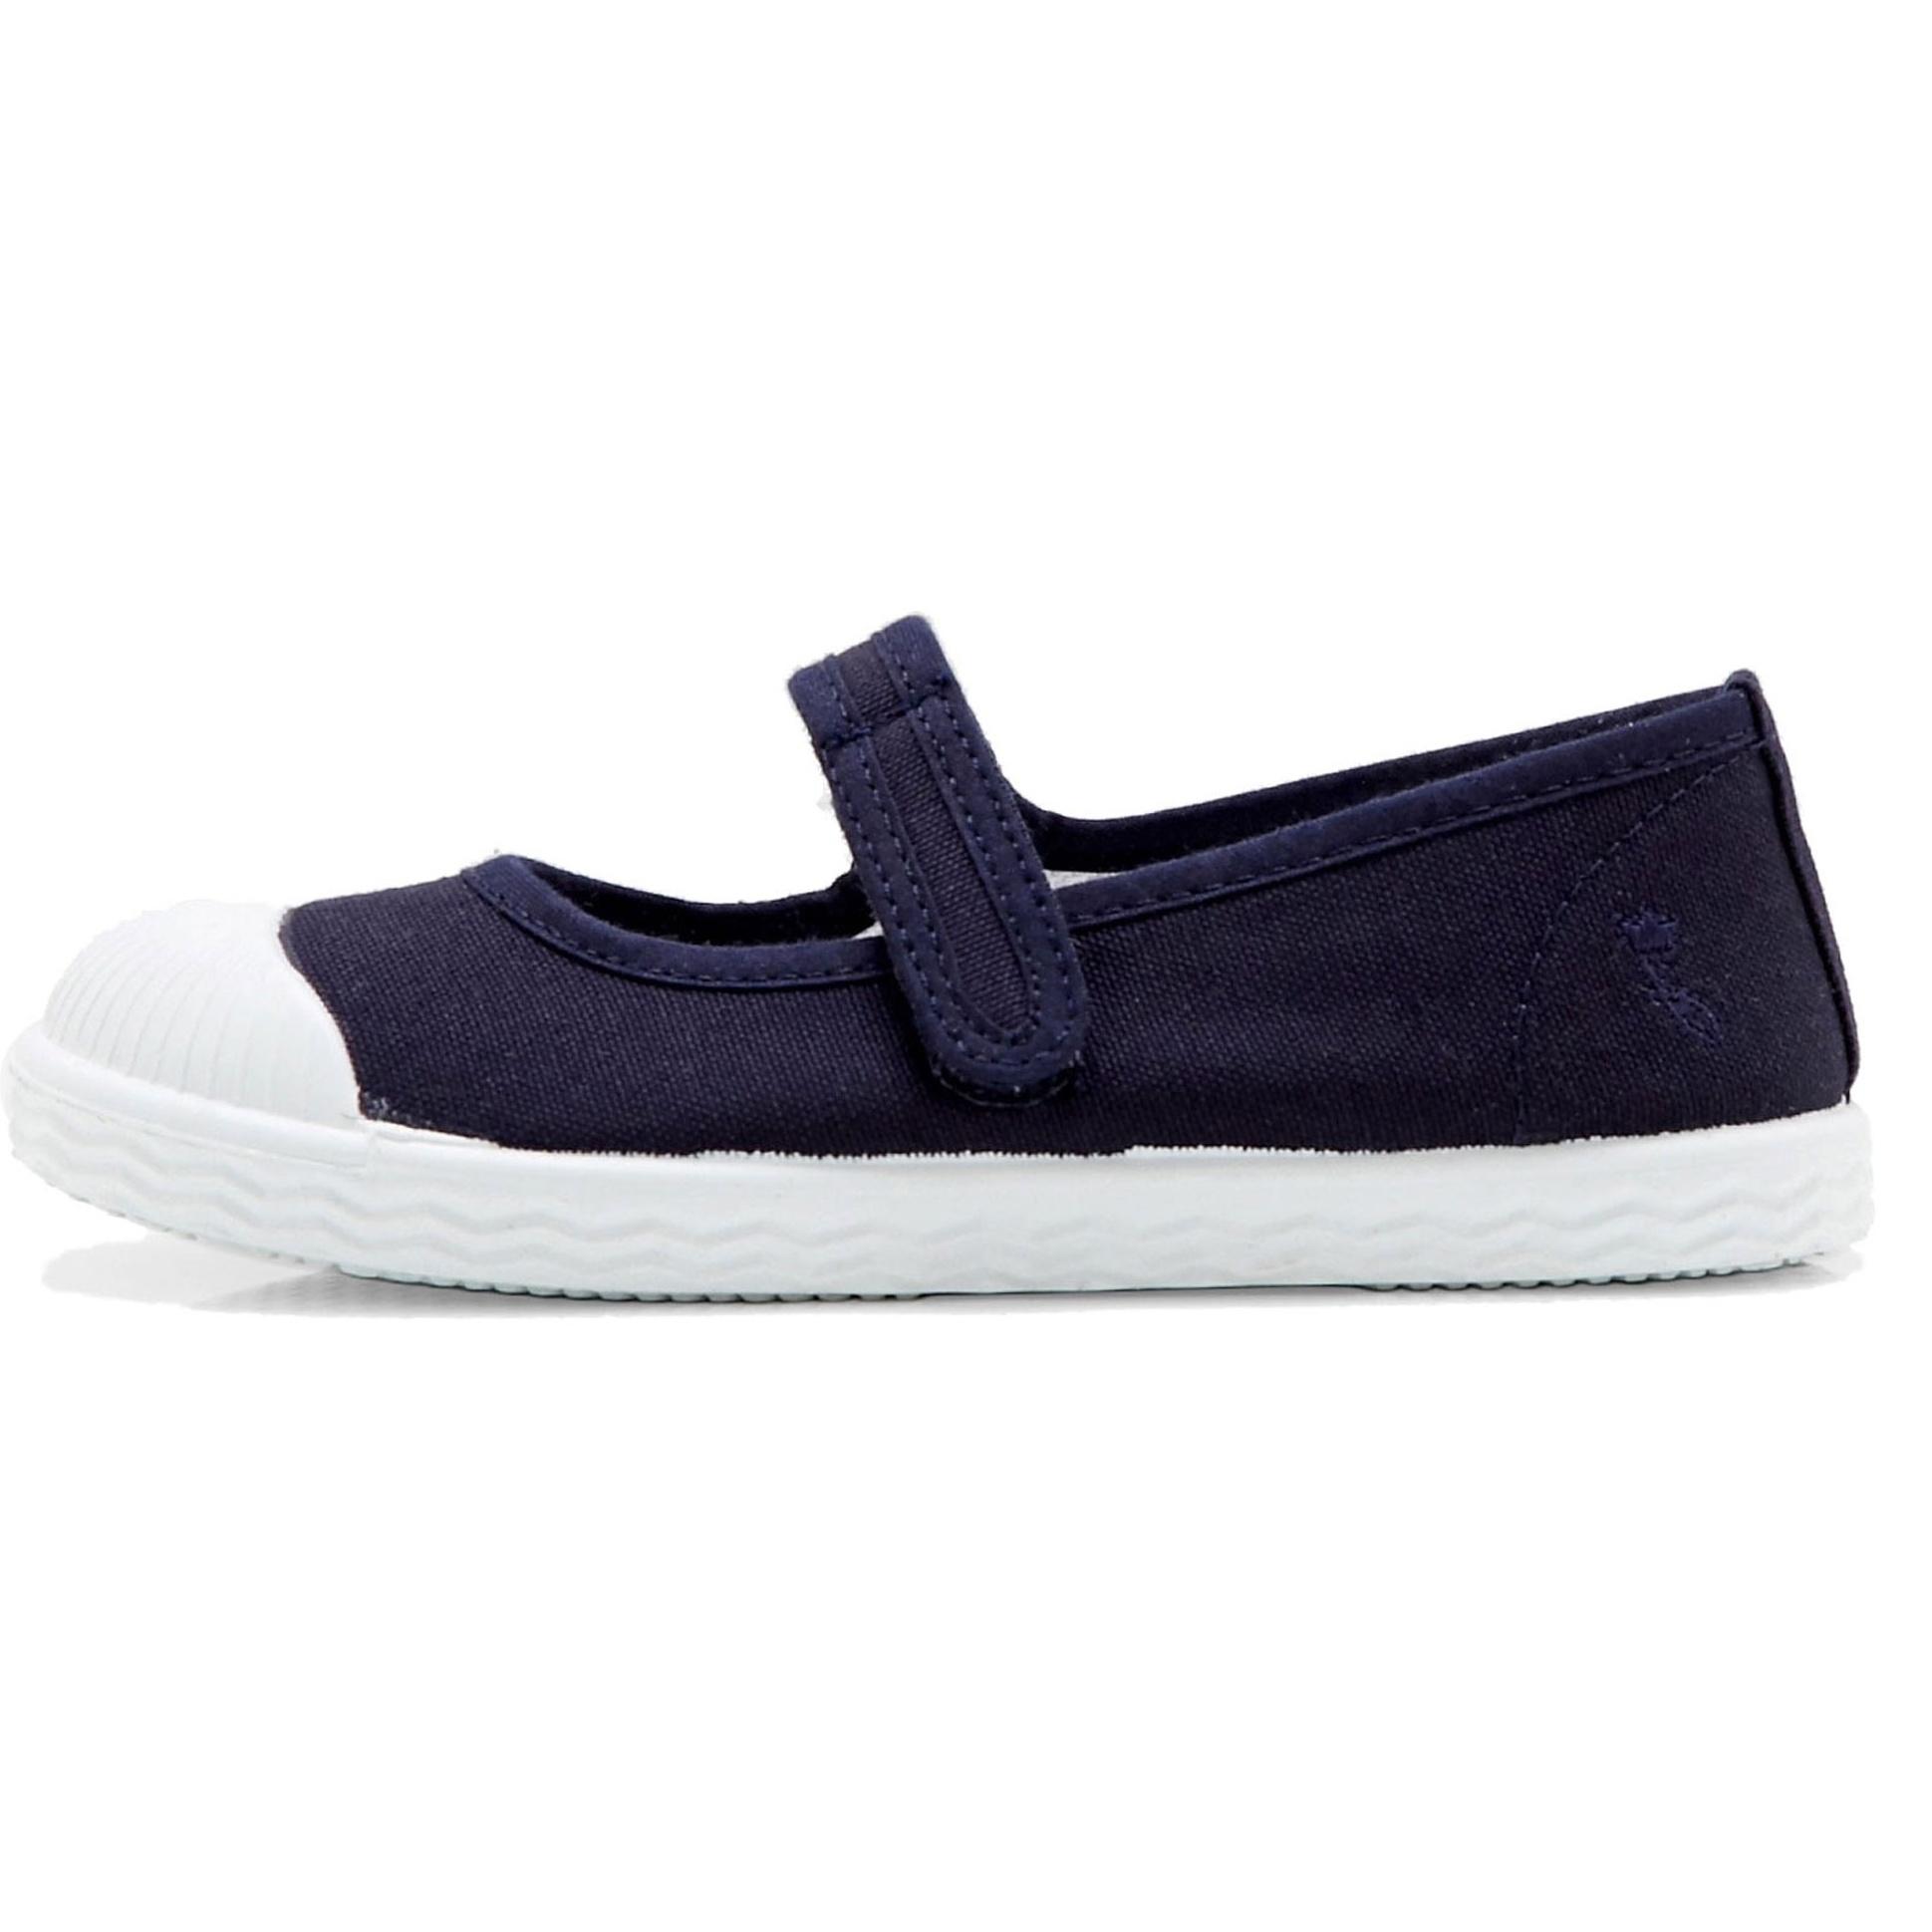 کفش چسبی دخترانه Penny - جاکادی